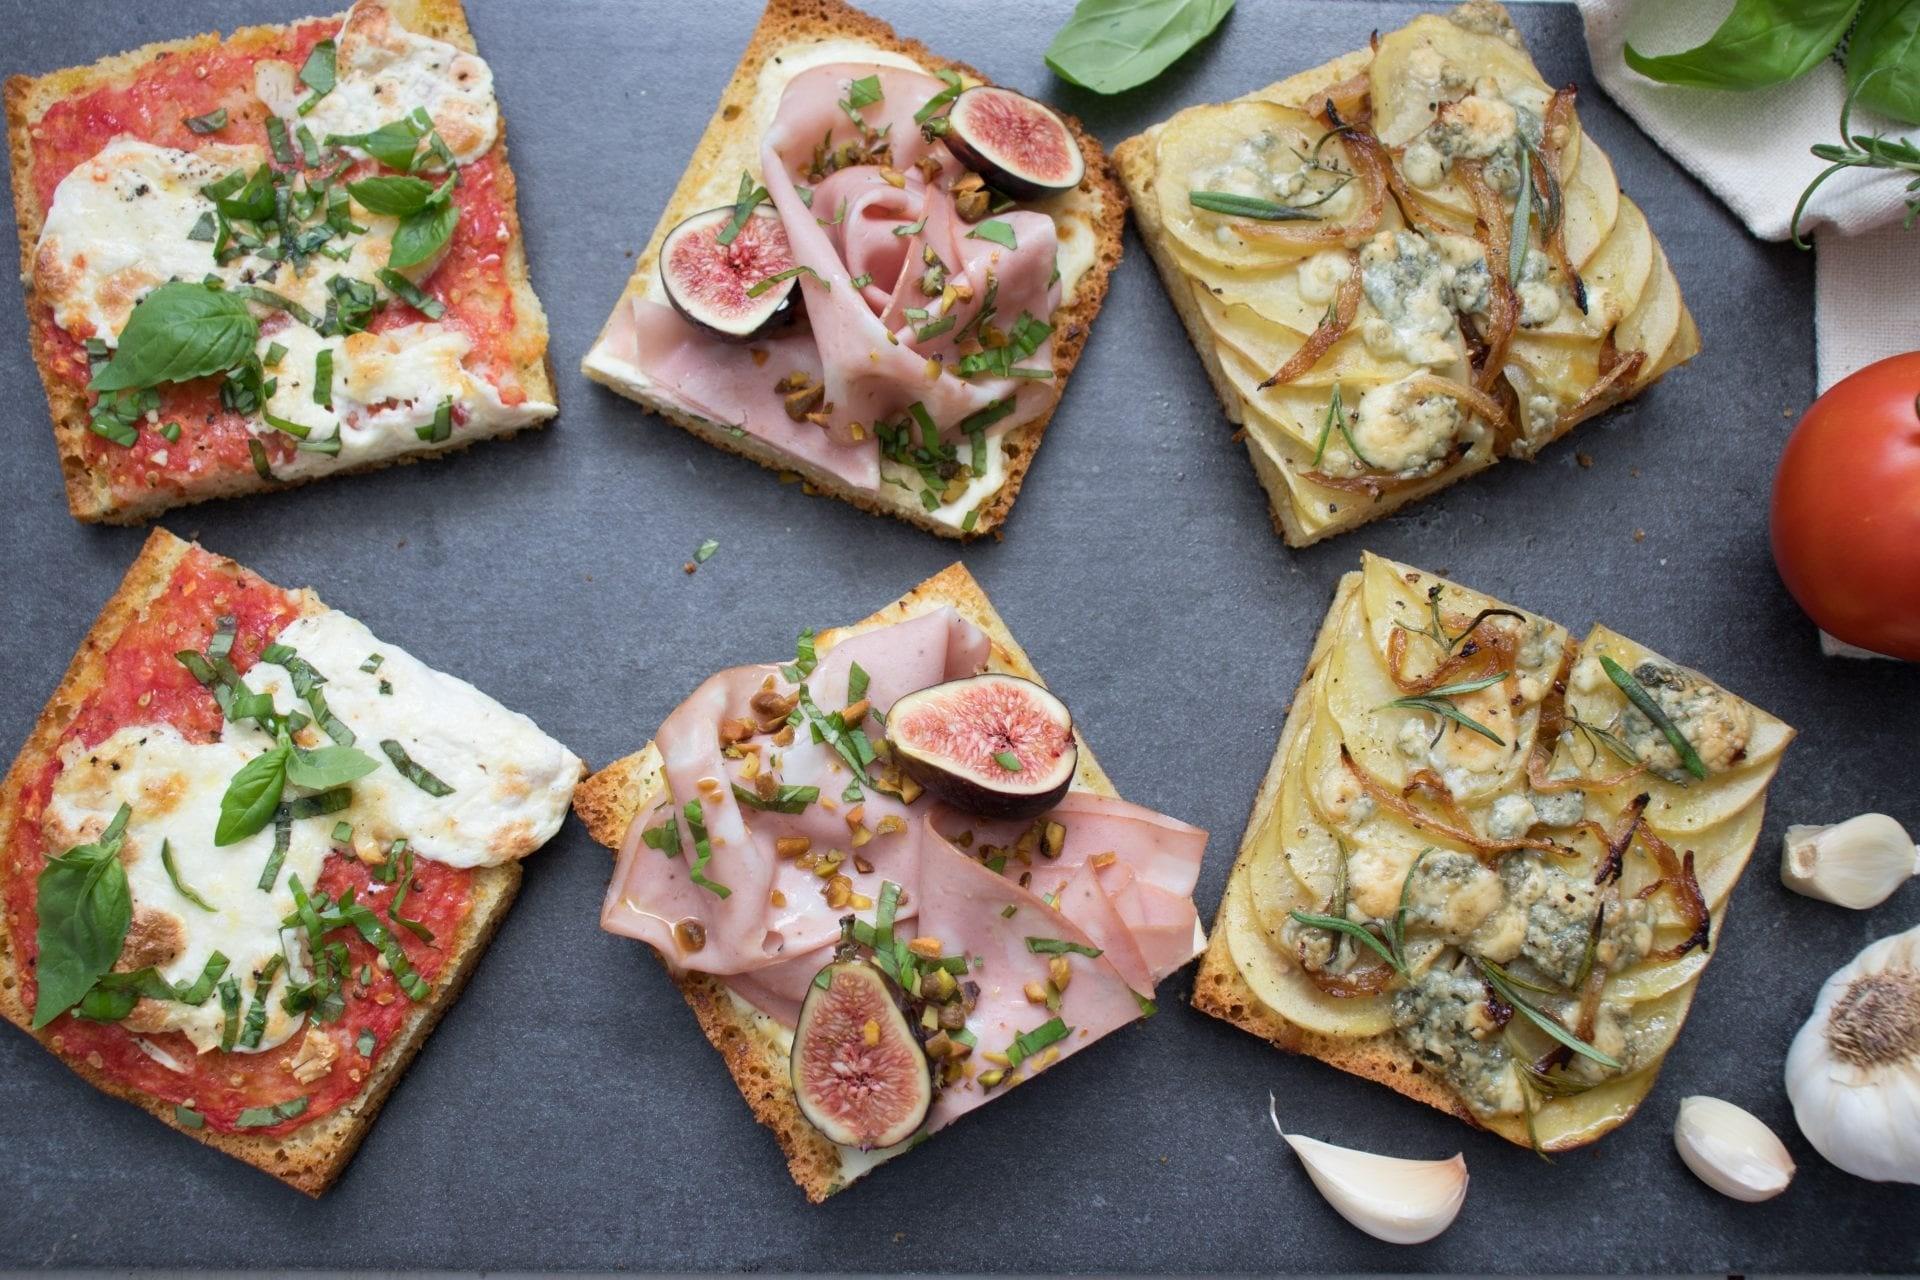 Pizza al Taglio (Roman-style Pizza by the Slice)